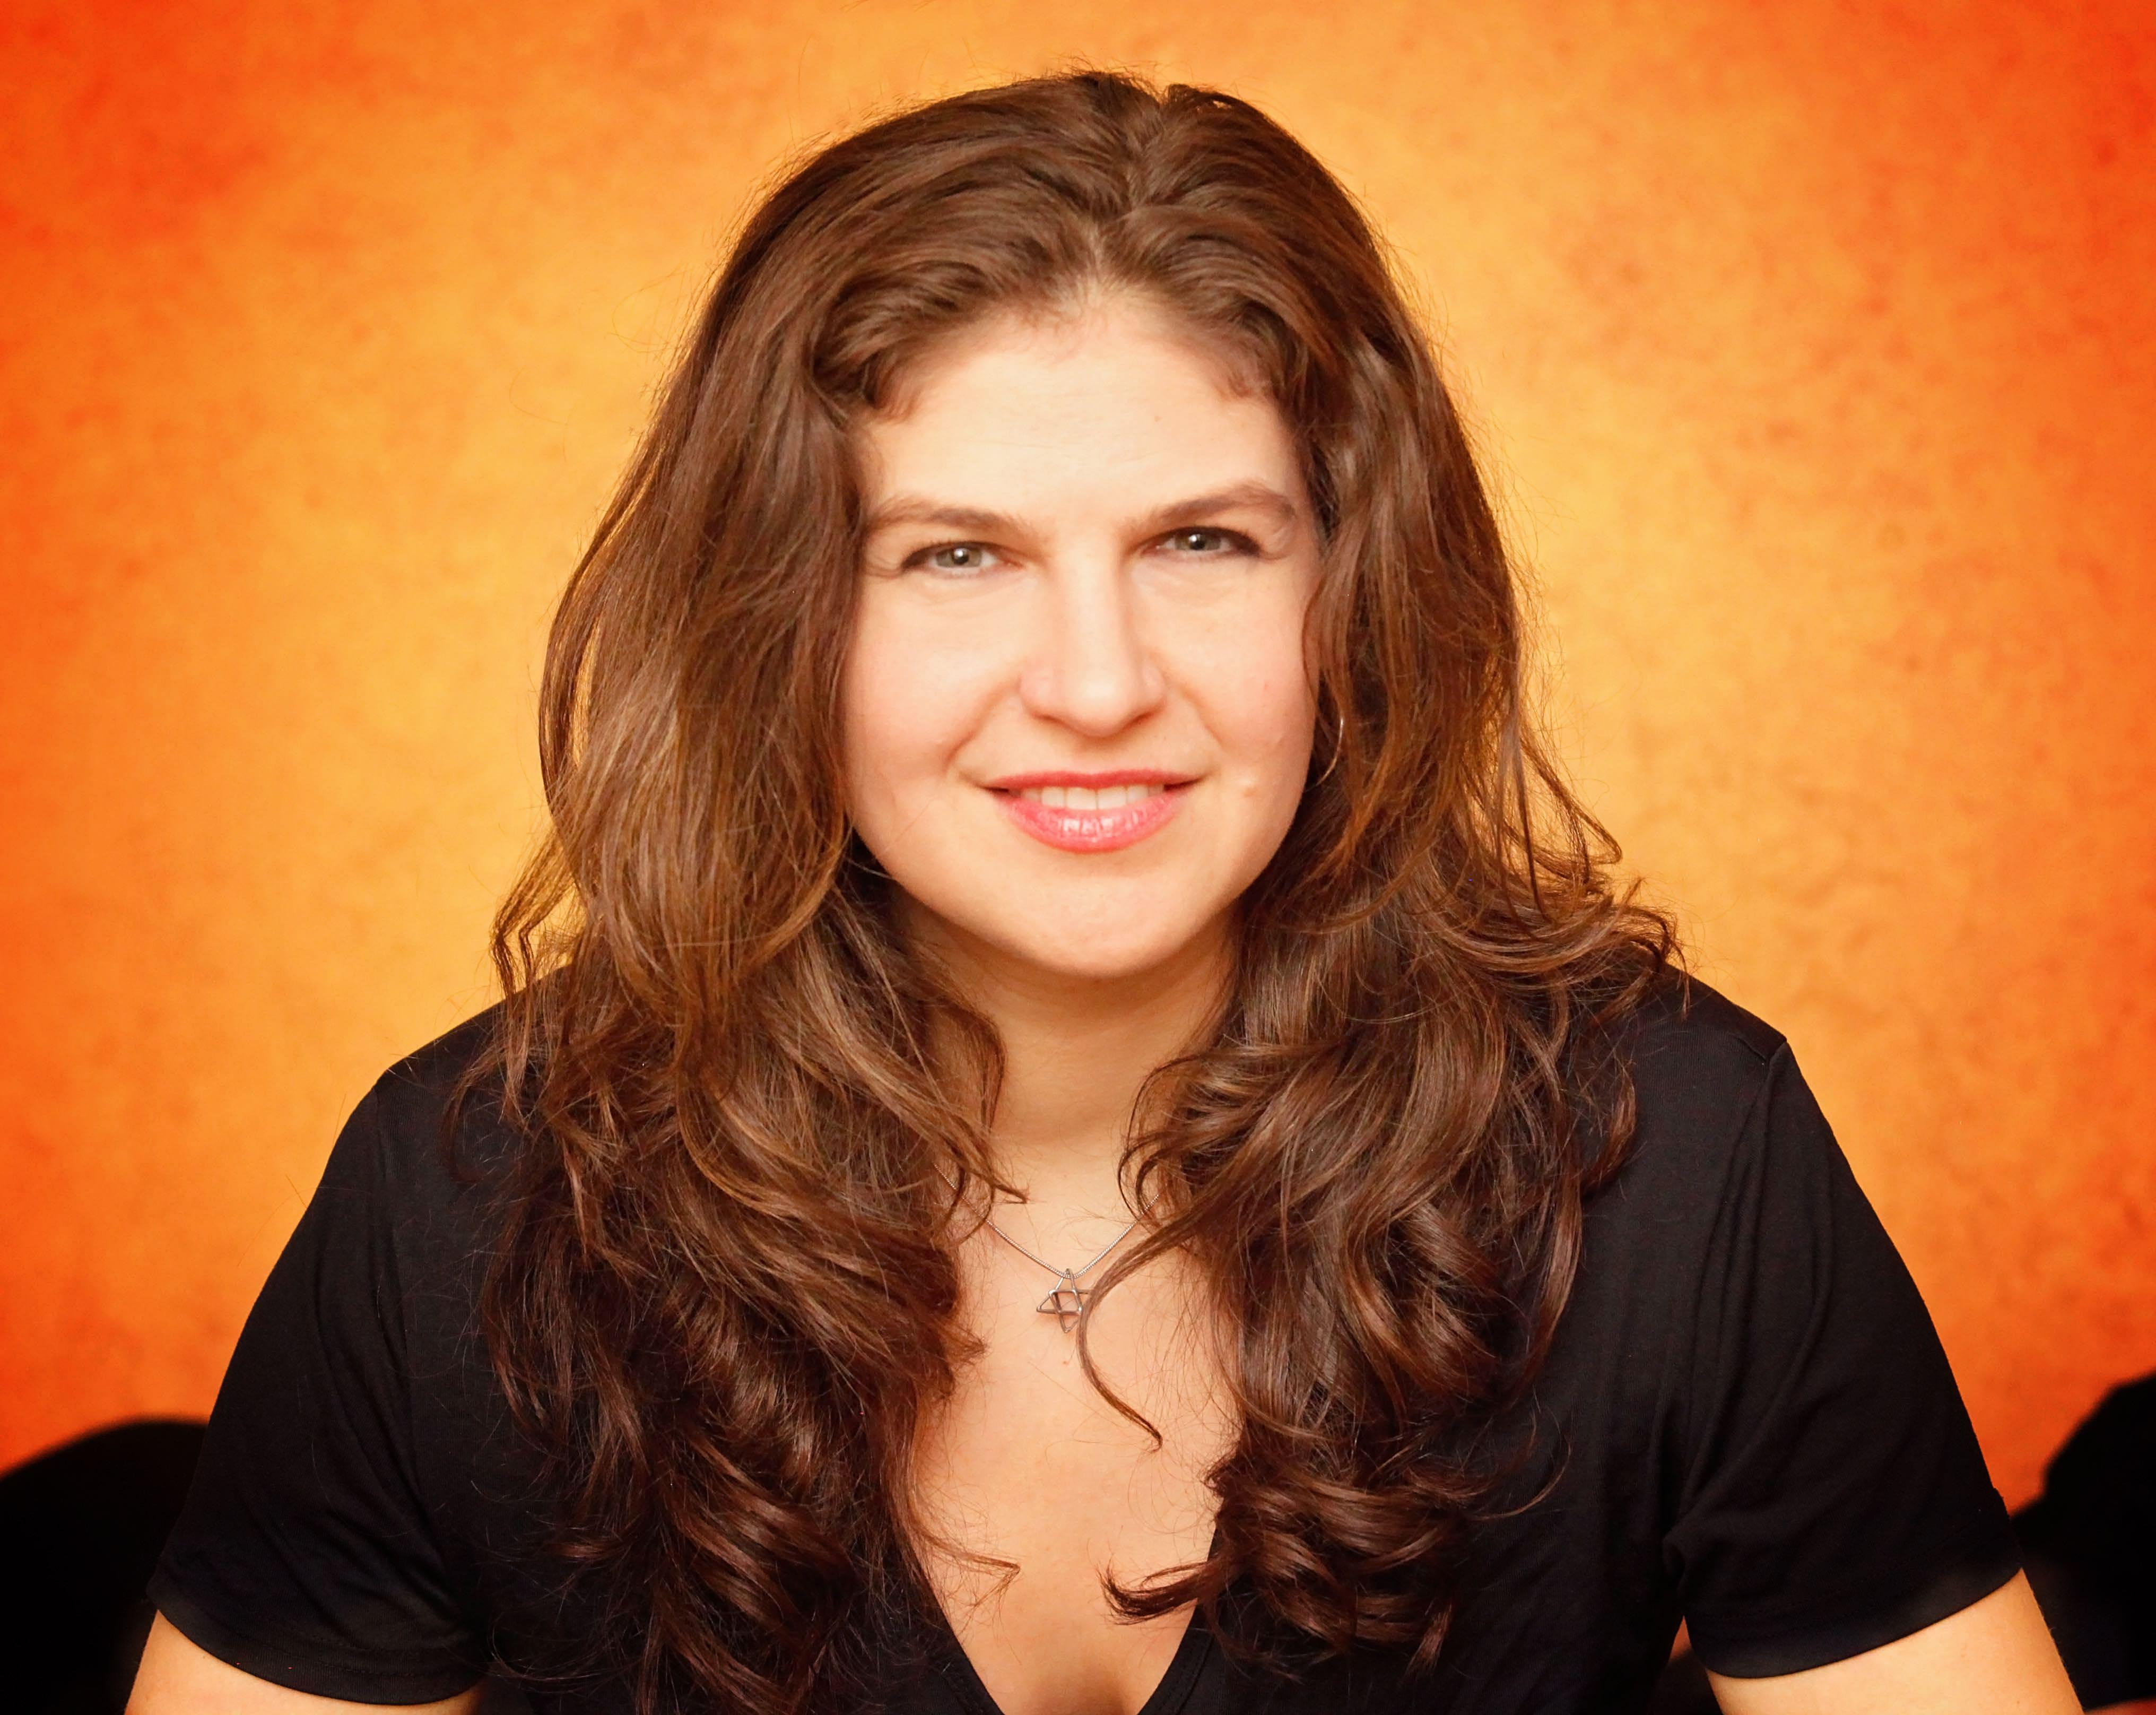 Marna Schwartz